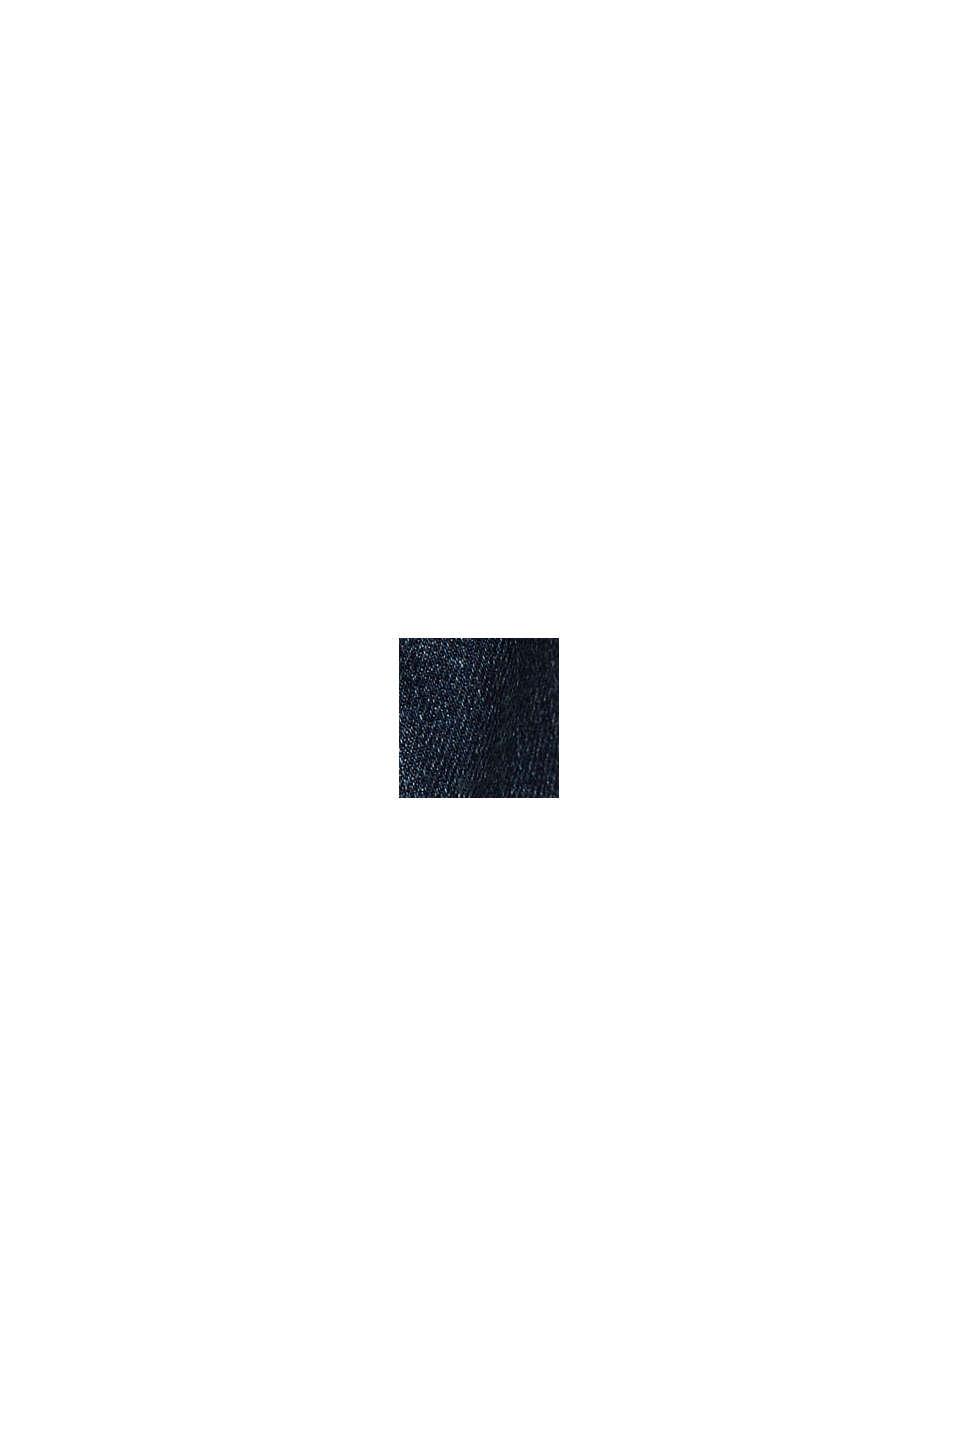 Vaqueros cortos de algodón ecológico, BLUE DARK WASHED, swatch